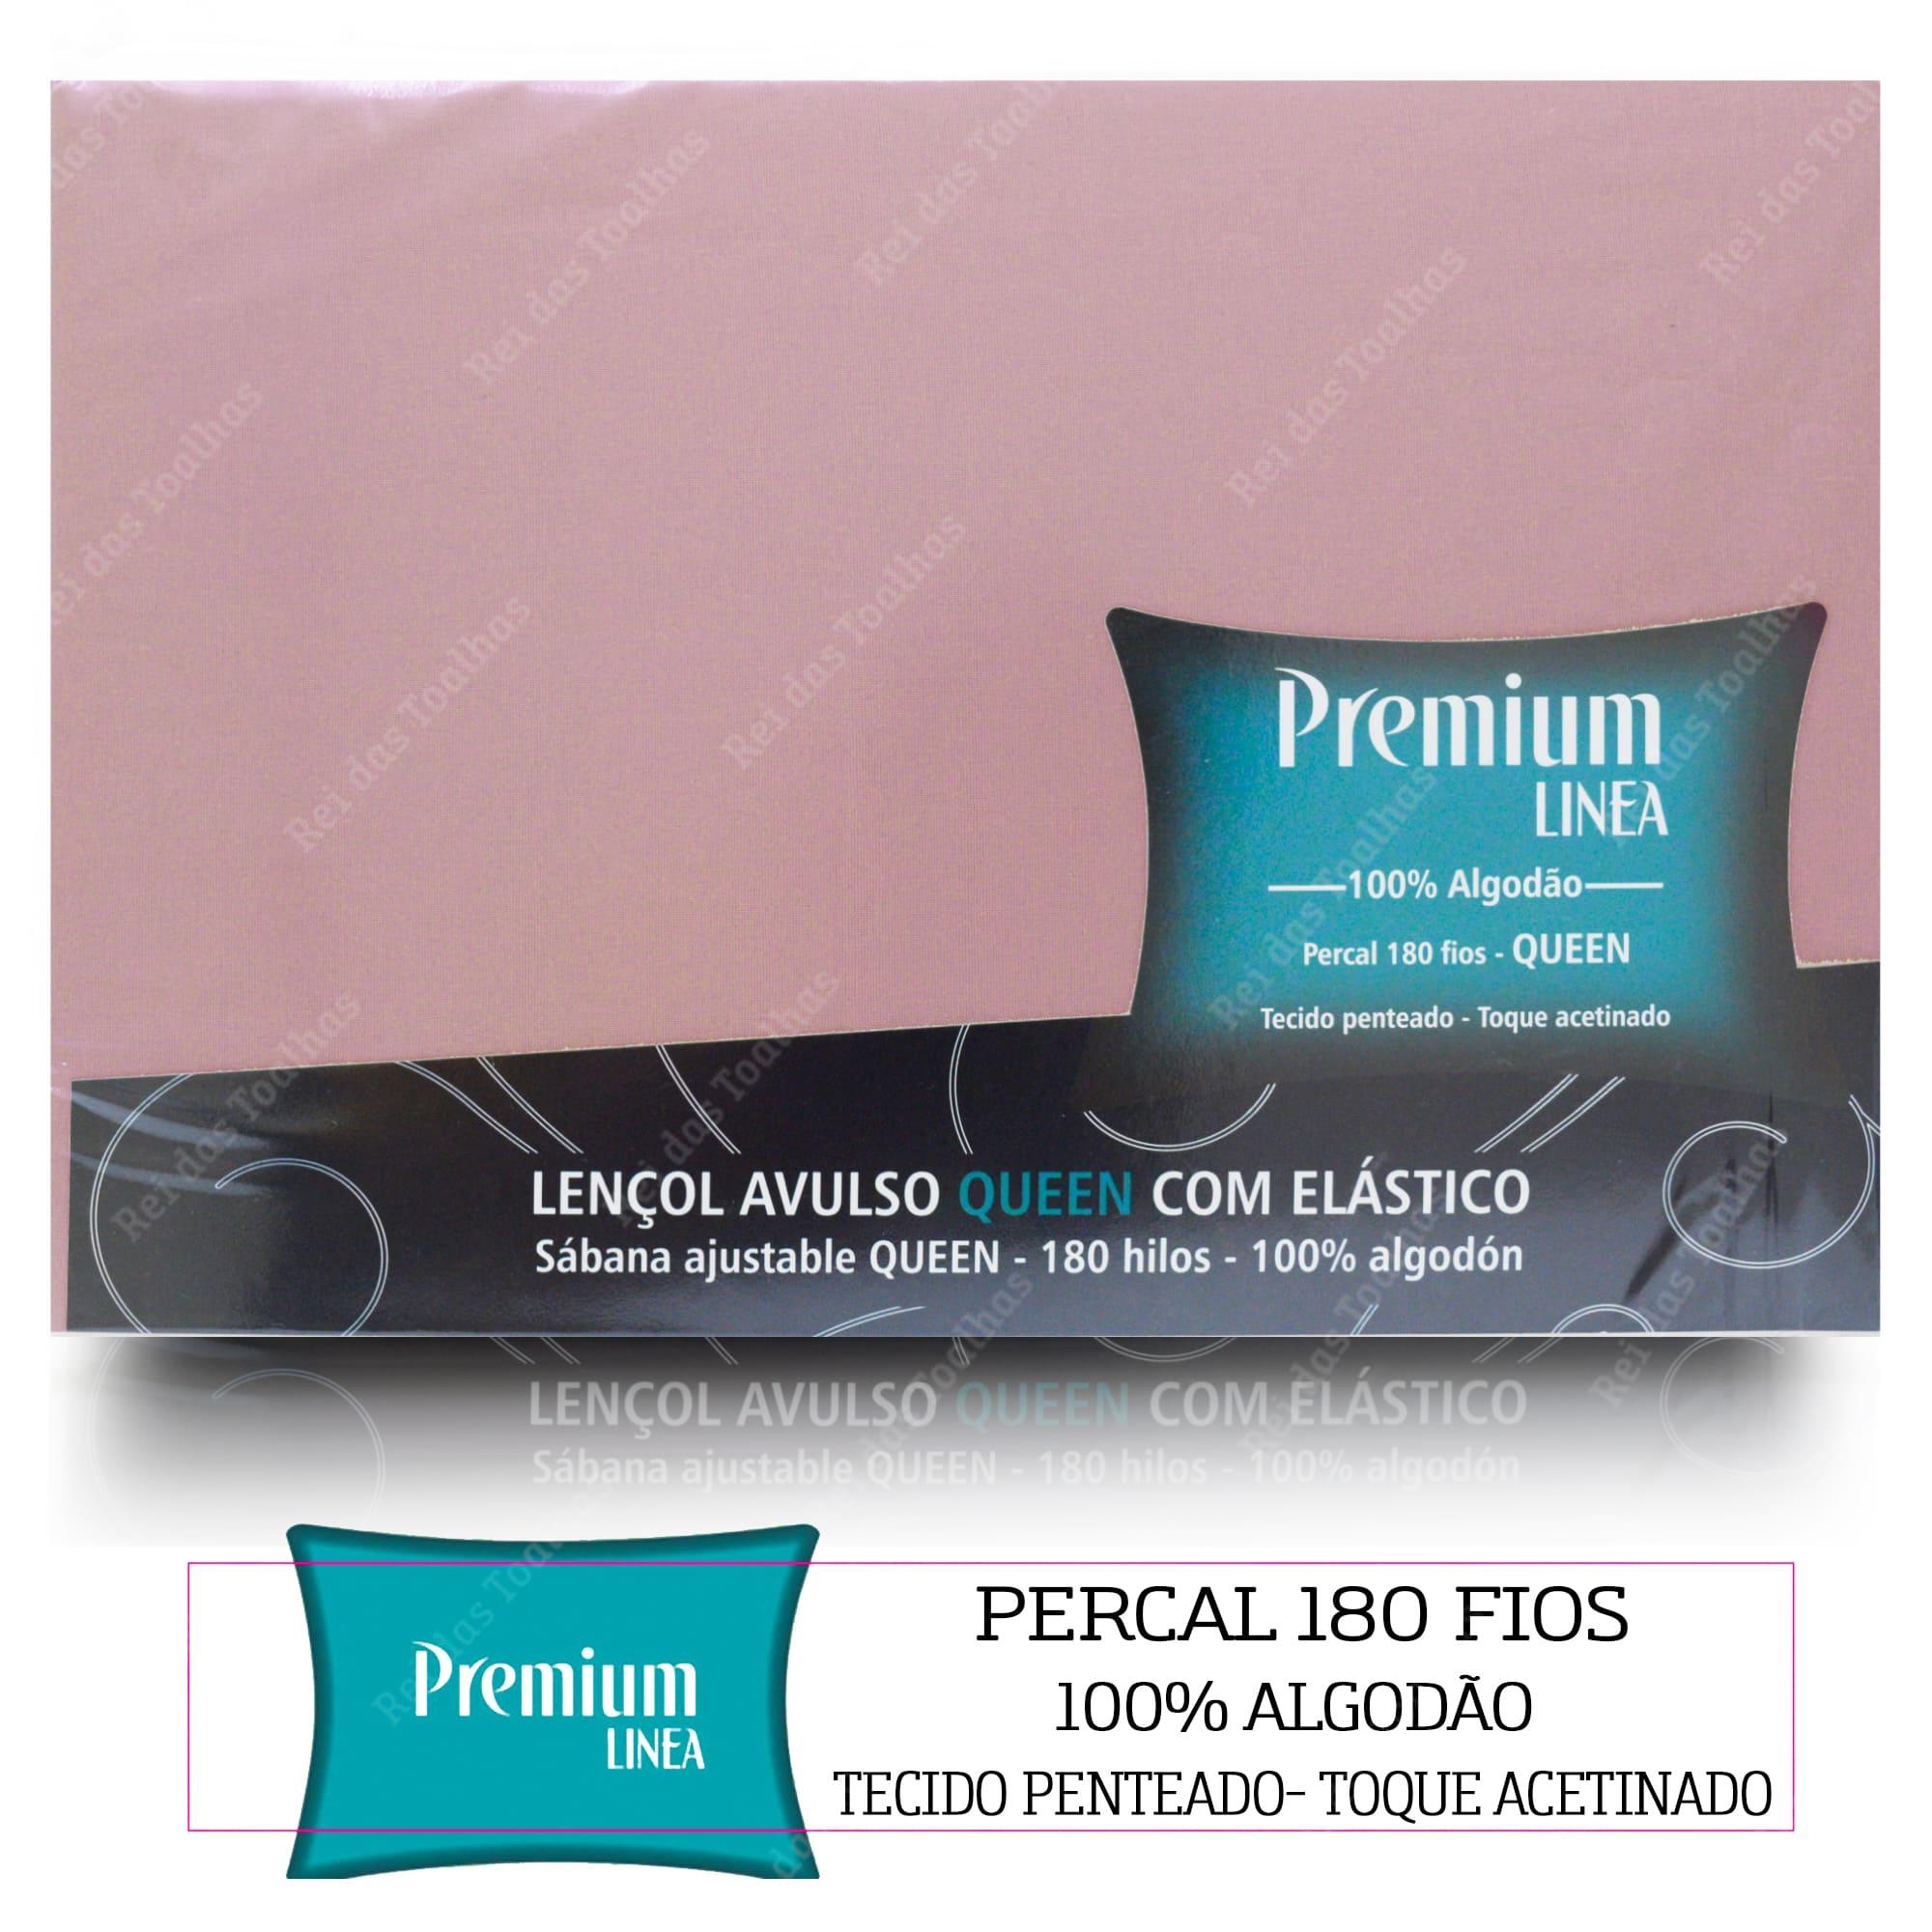 Lençol Avulso Com Elástico Premium Linea Queen Percal 180 Fios 100% Algodão ESTAMPARIA S.A